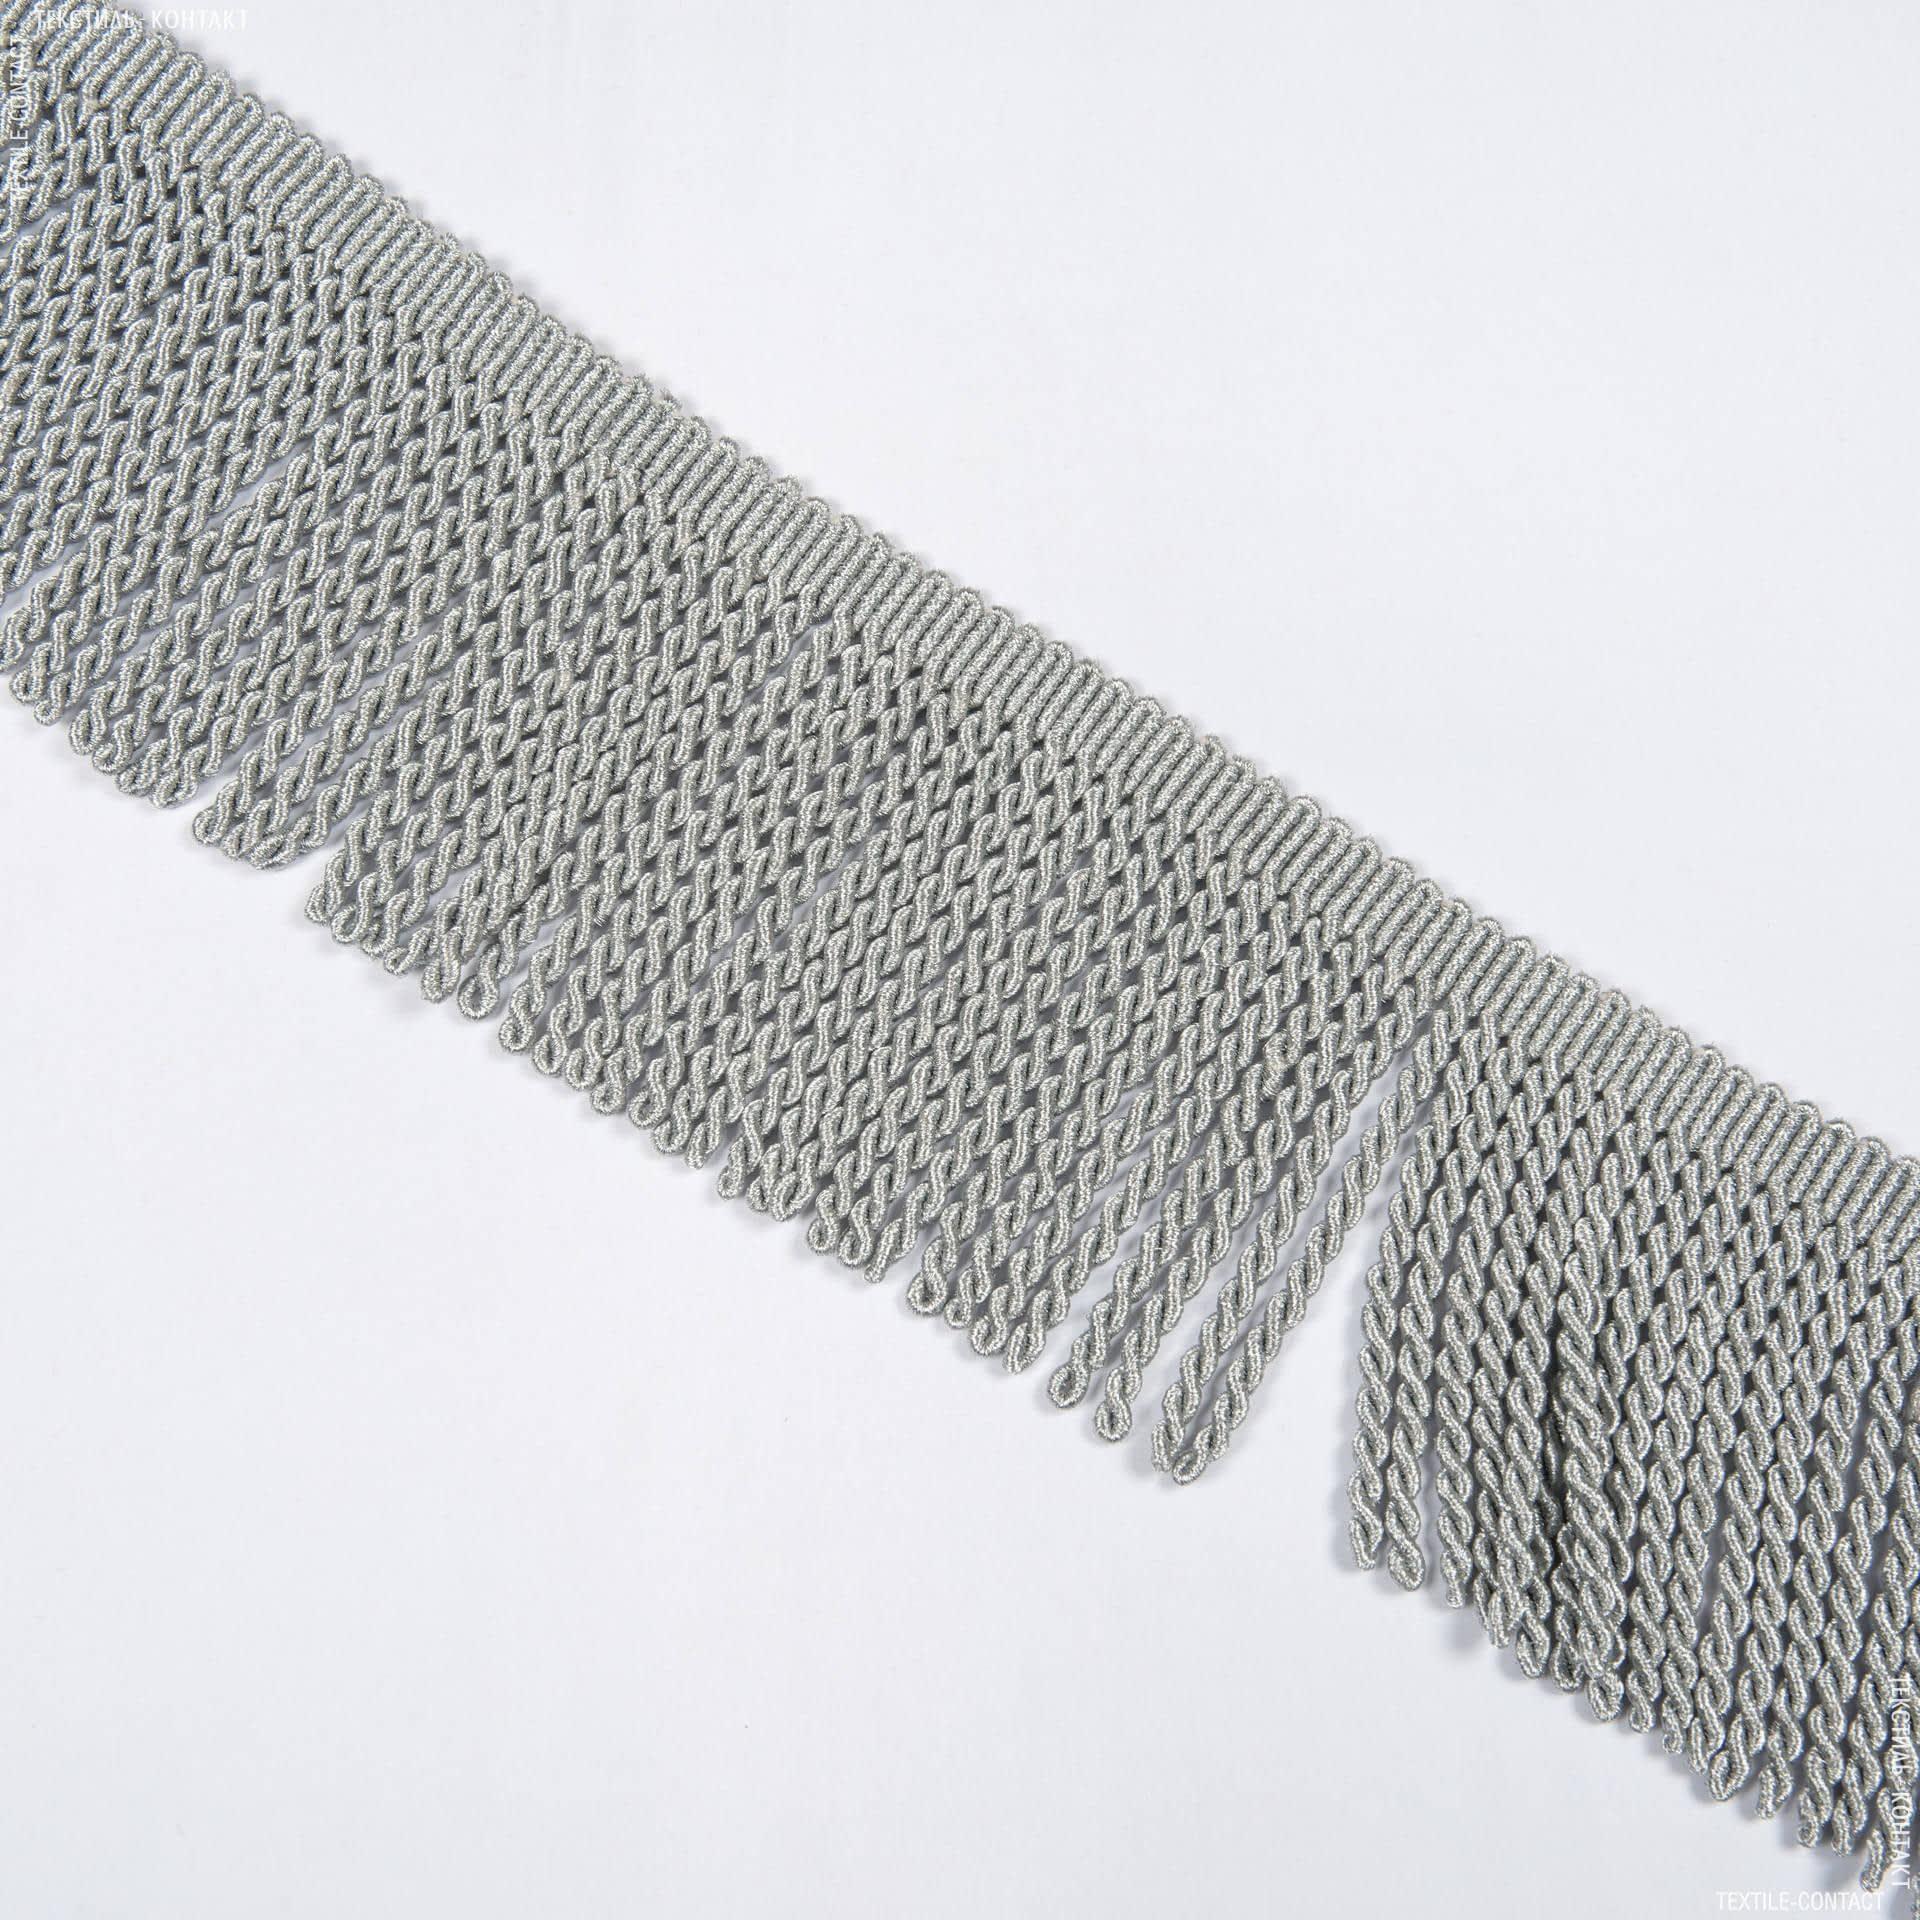 Тканини фурнітура для декора - Бахрома gold спіраль св/сірий